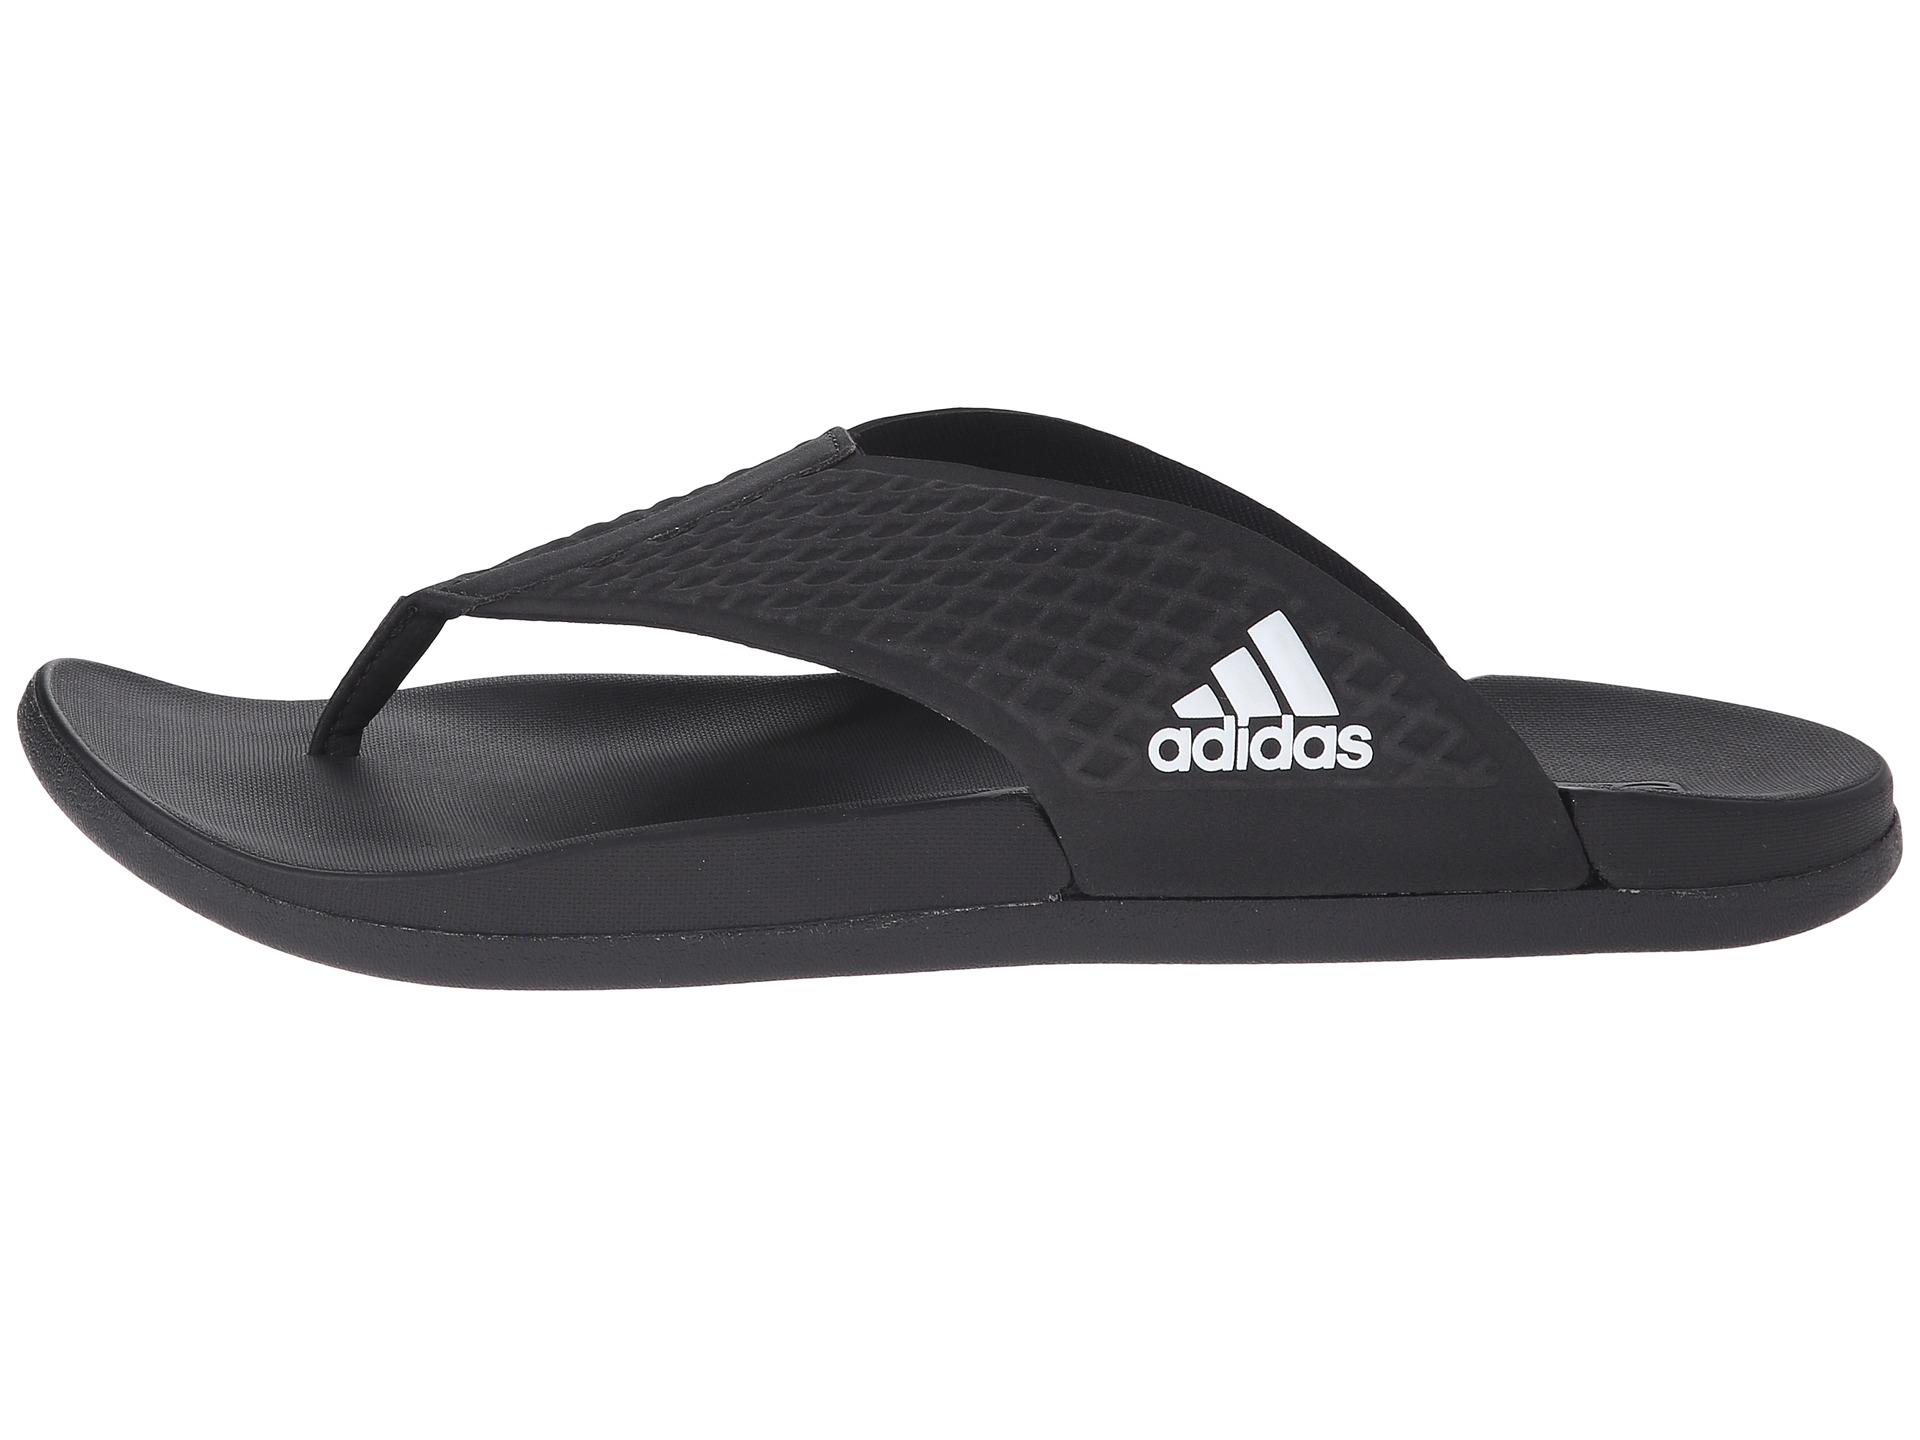 7c791884643b1 Lyst - adidas Originals Adilette Sc Plus Thong in Black for Men